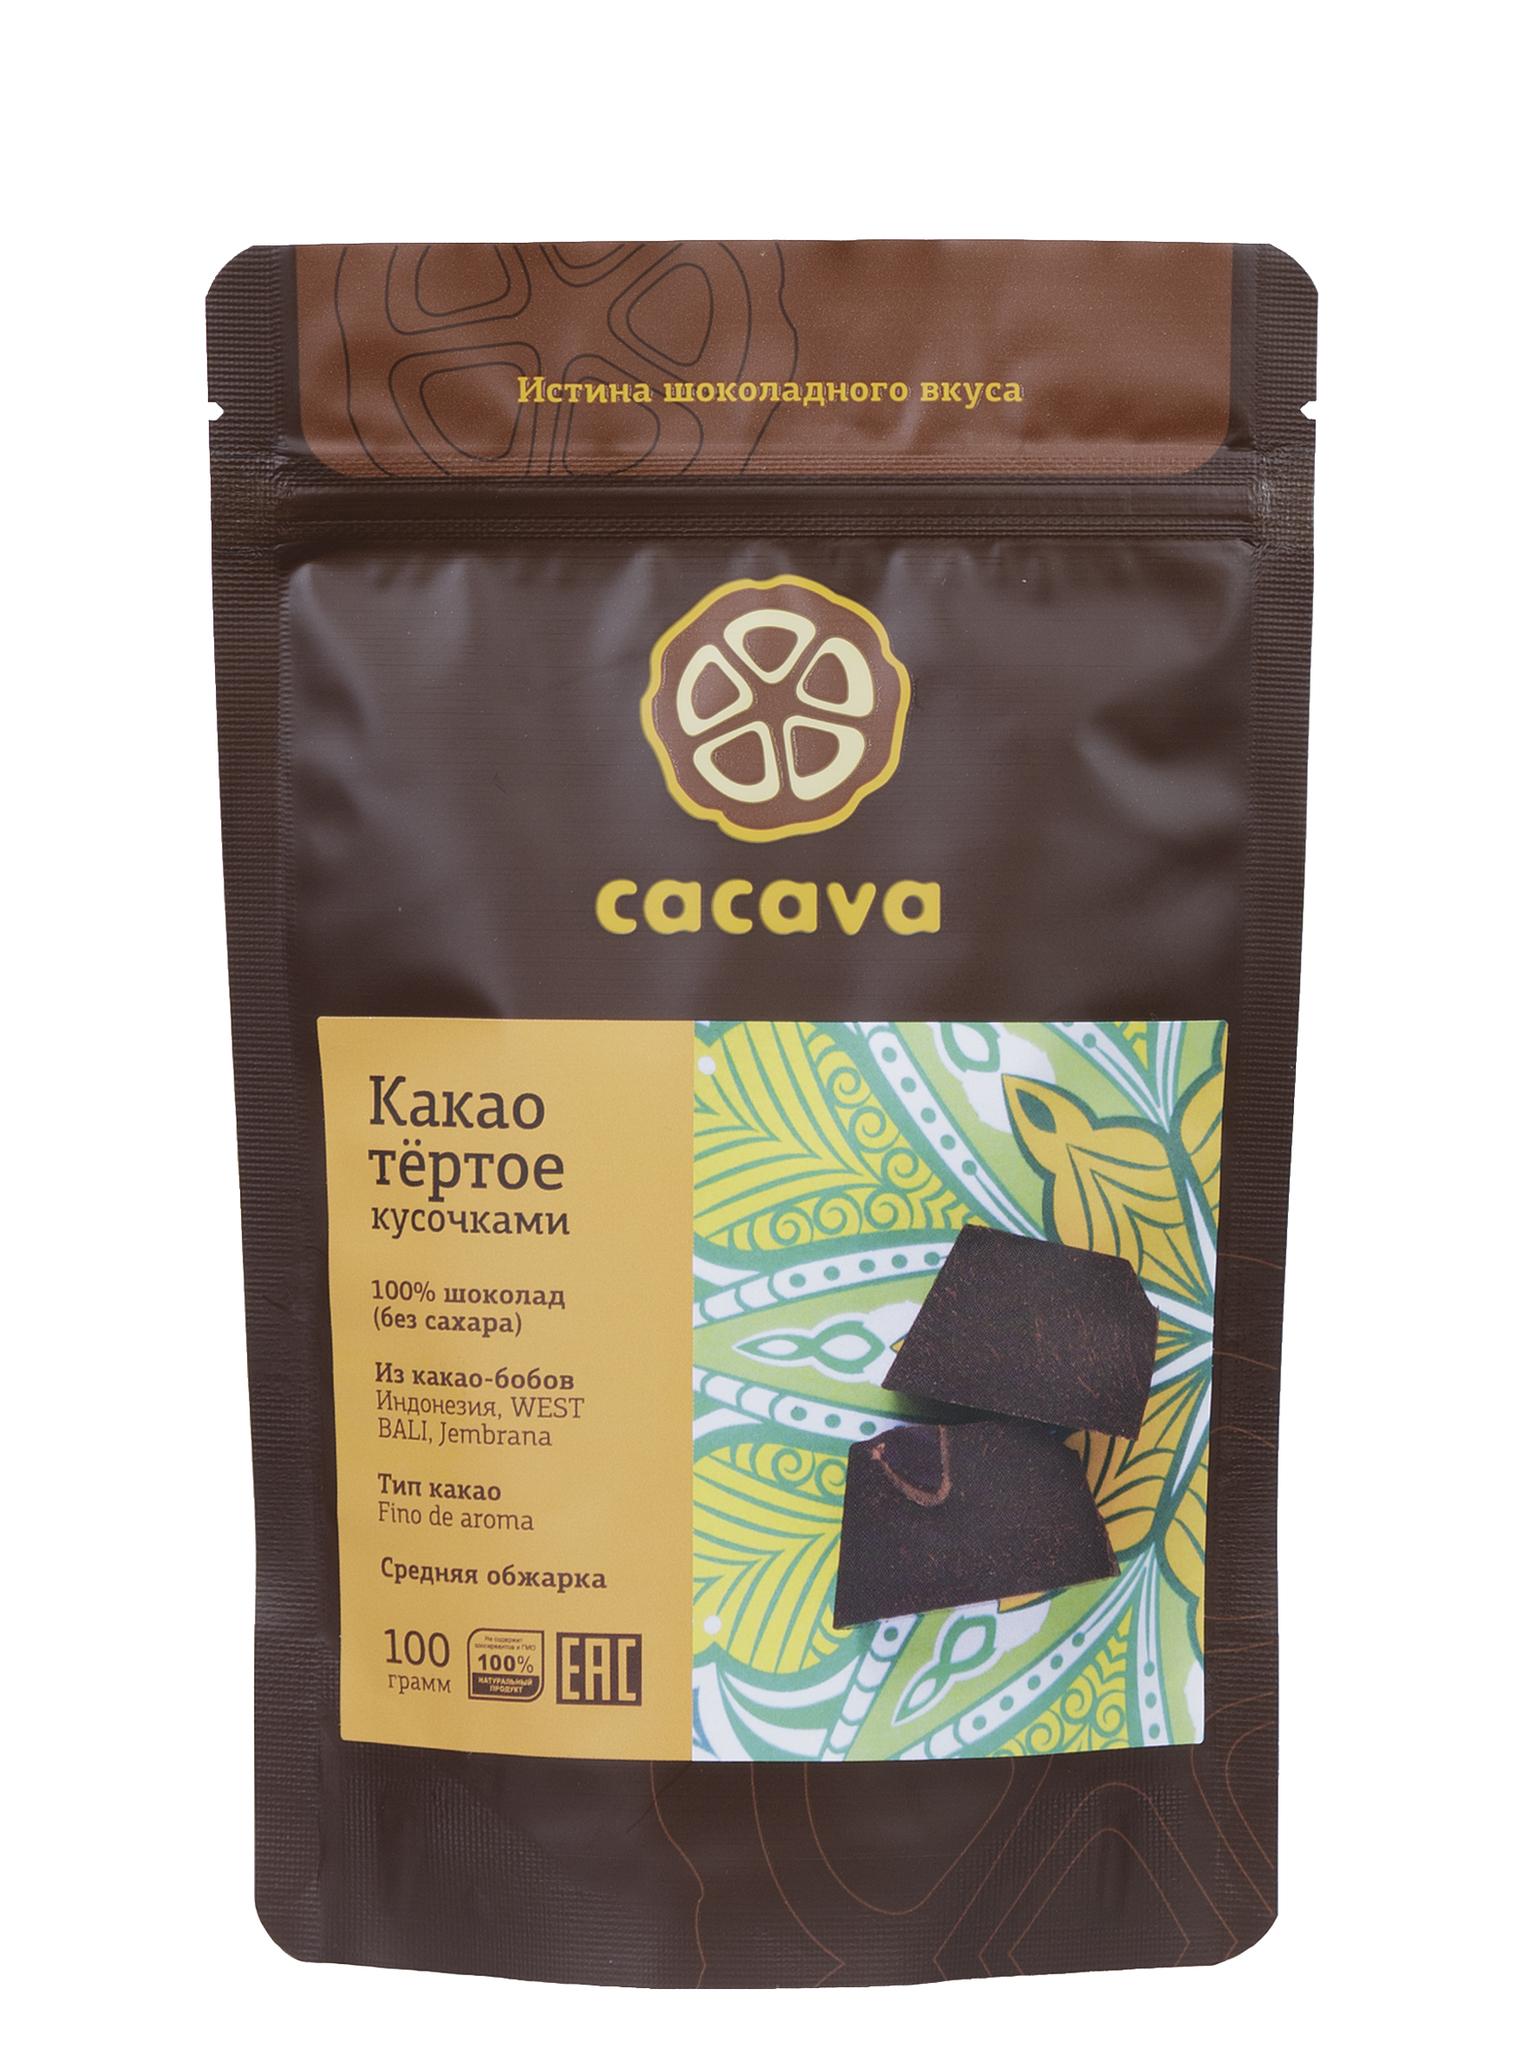 Какао тёртое кусочками (Индонезия, WEST BALI, Jembrana), упаковка 100 грамм